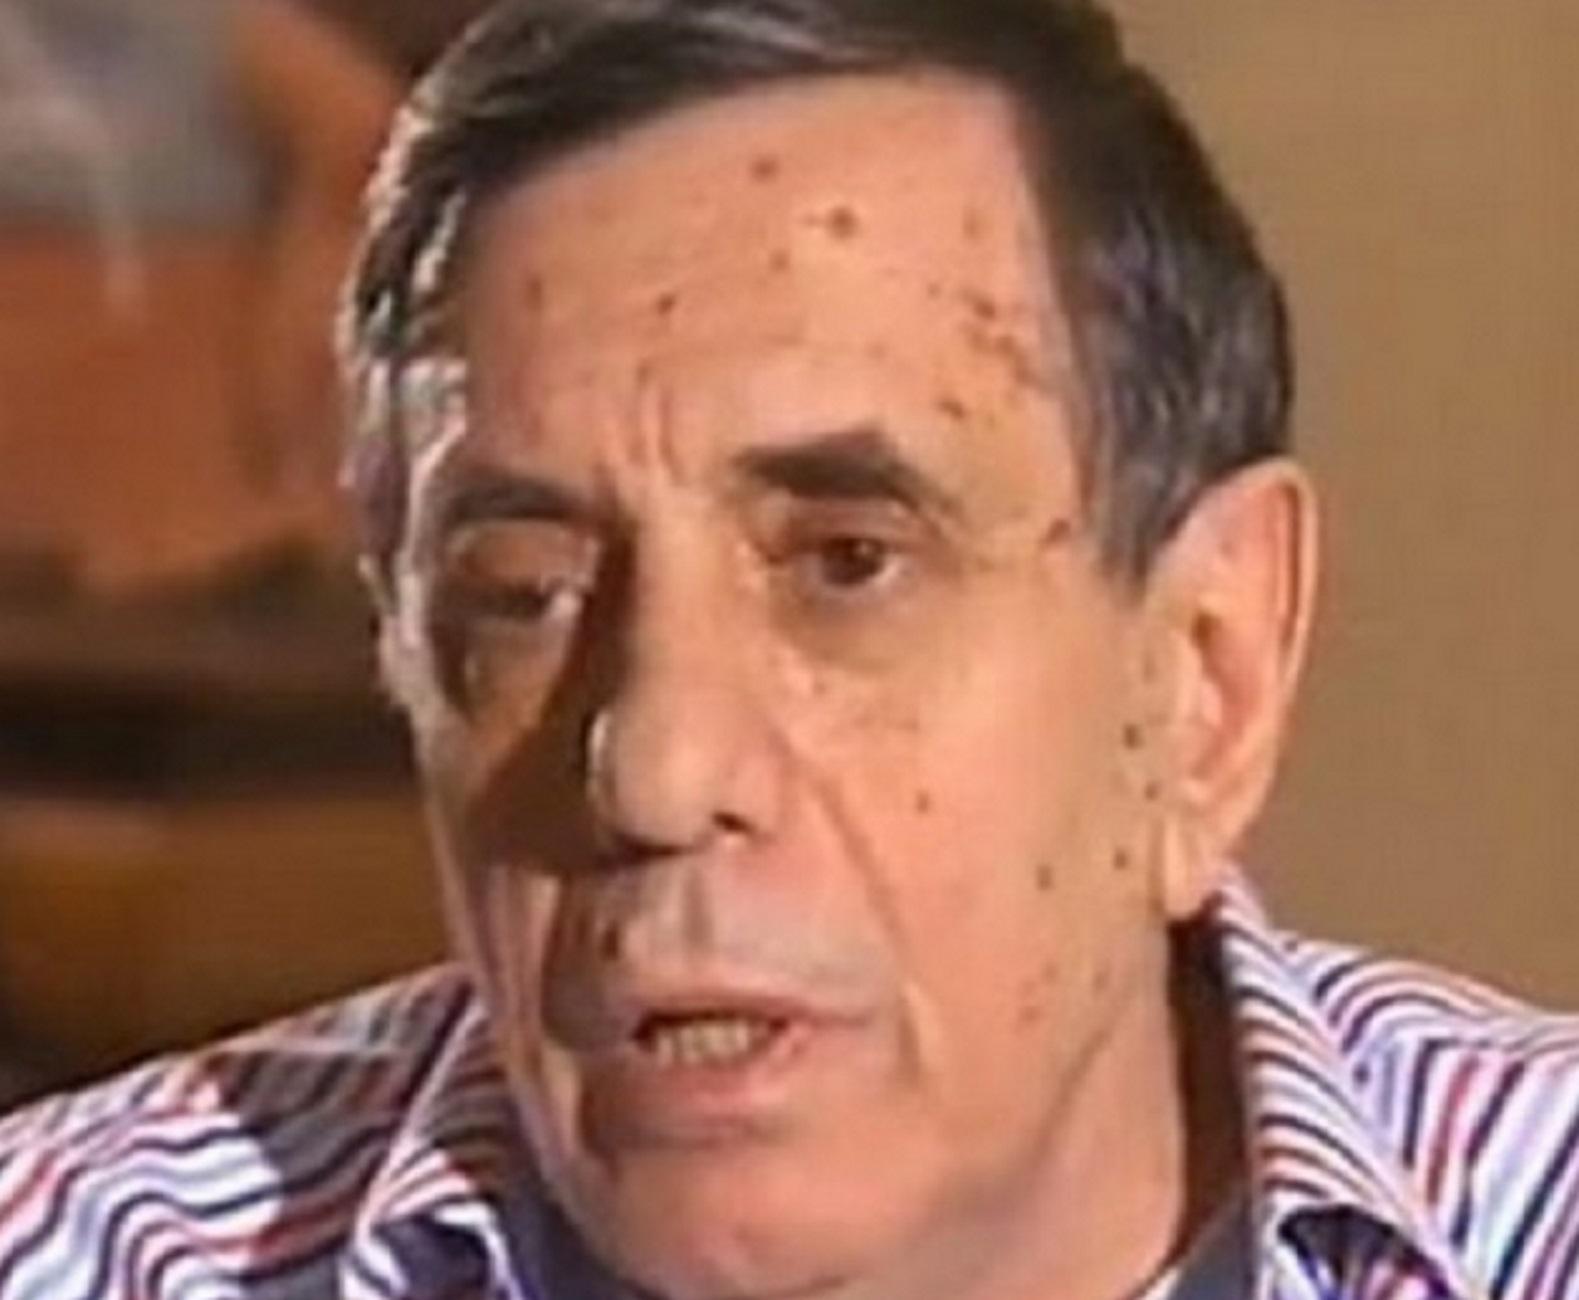 Πέθανε ο Γιάννης Ραπτόπουλος – H Express Service και η διαφήμιση με την Αλίκη Βουγιουκλάκη